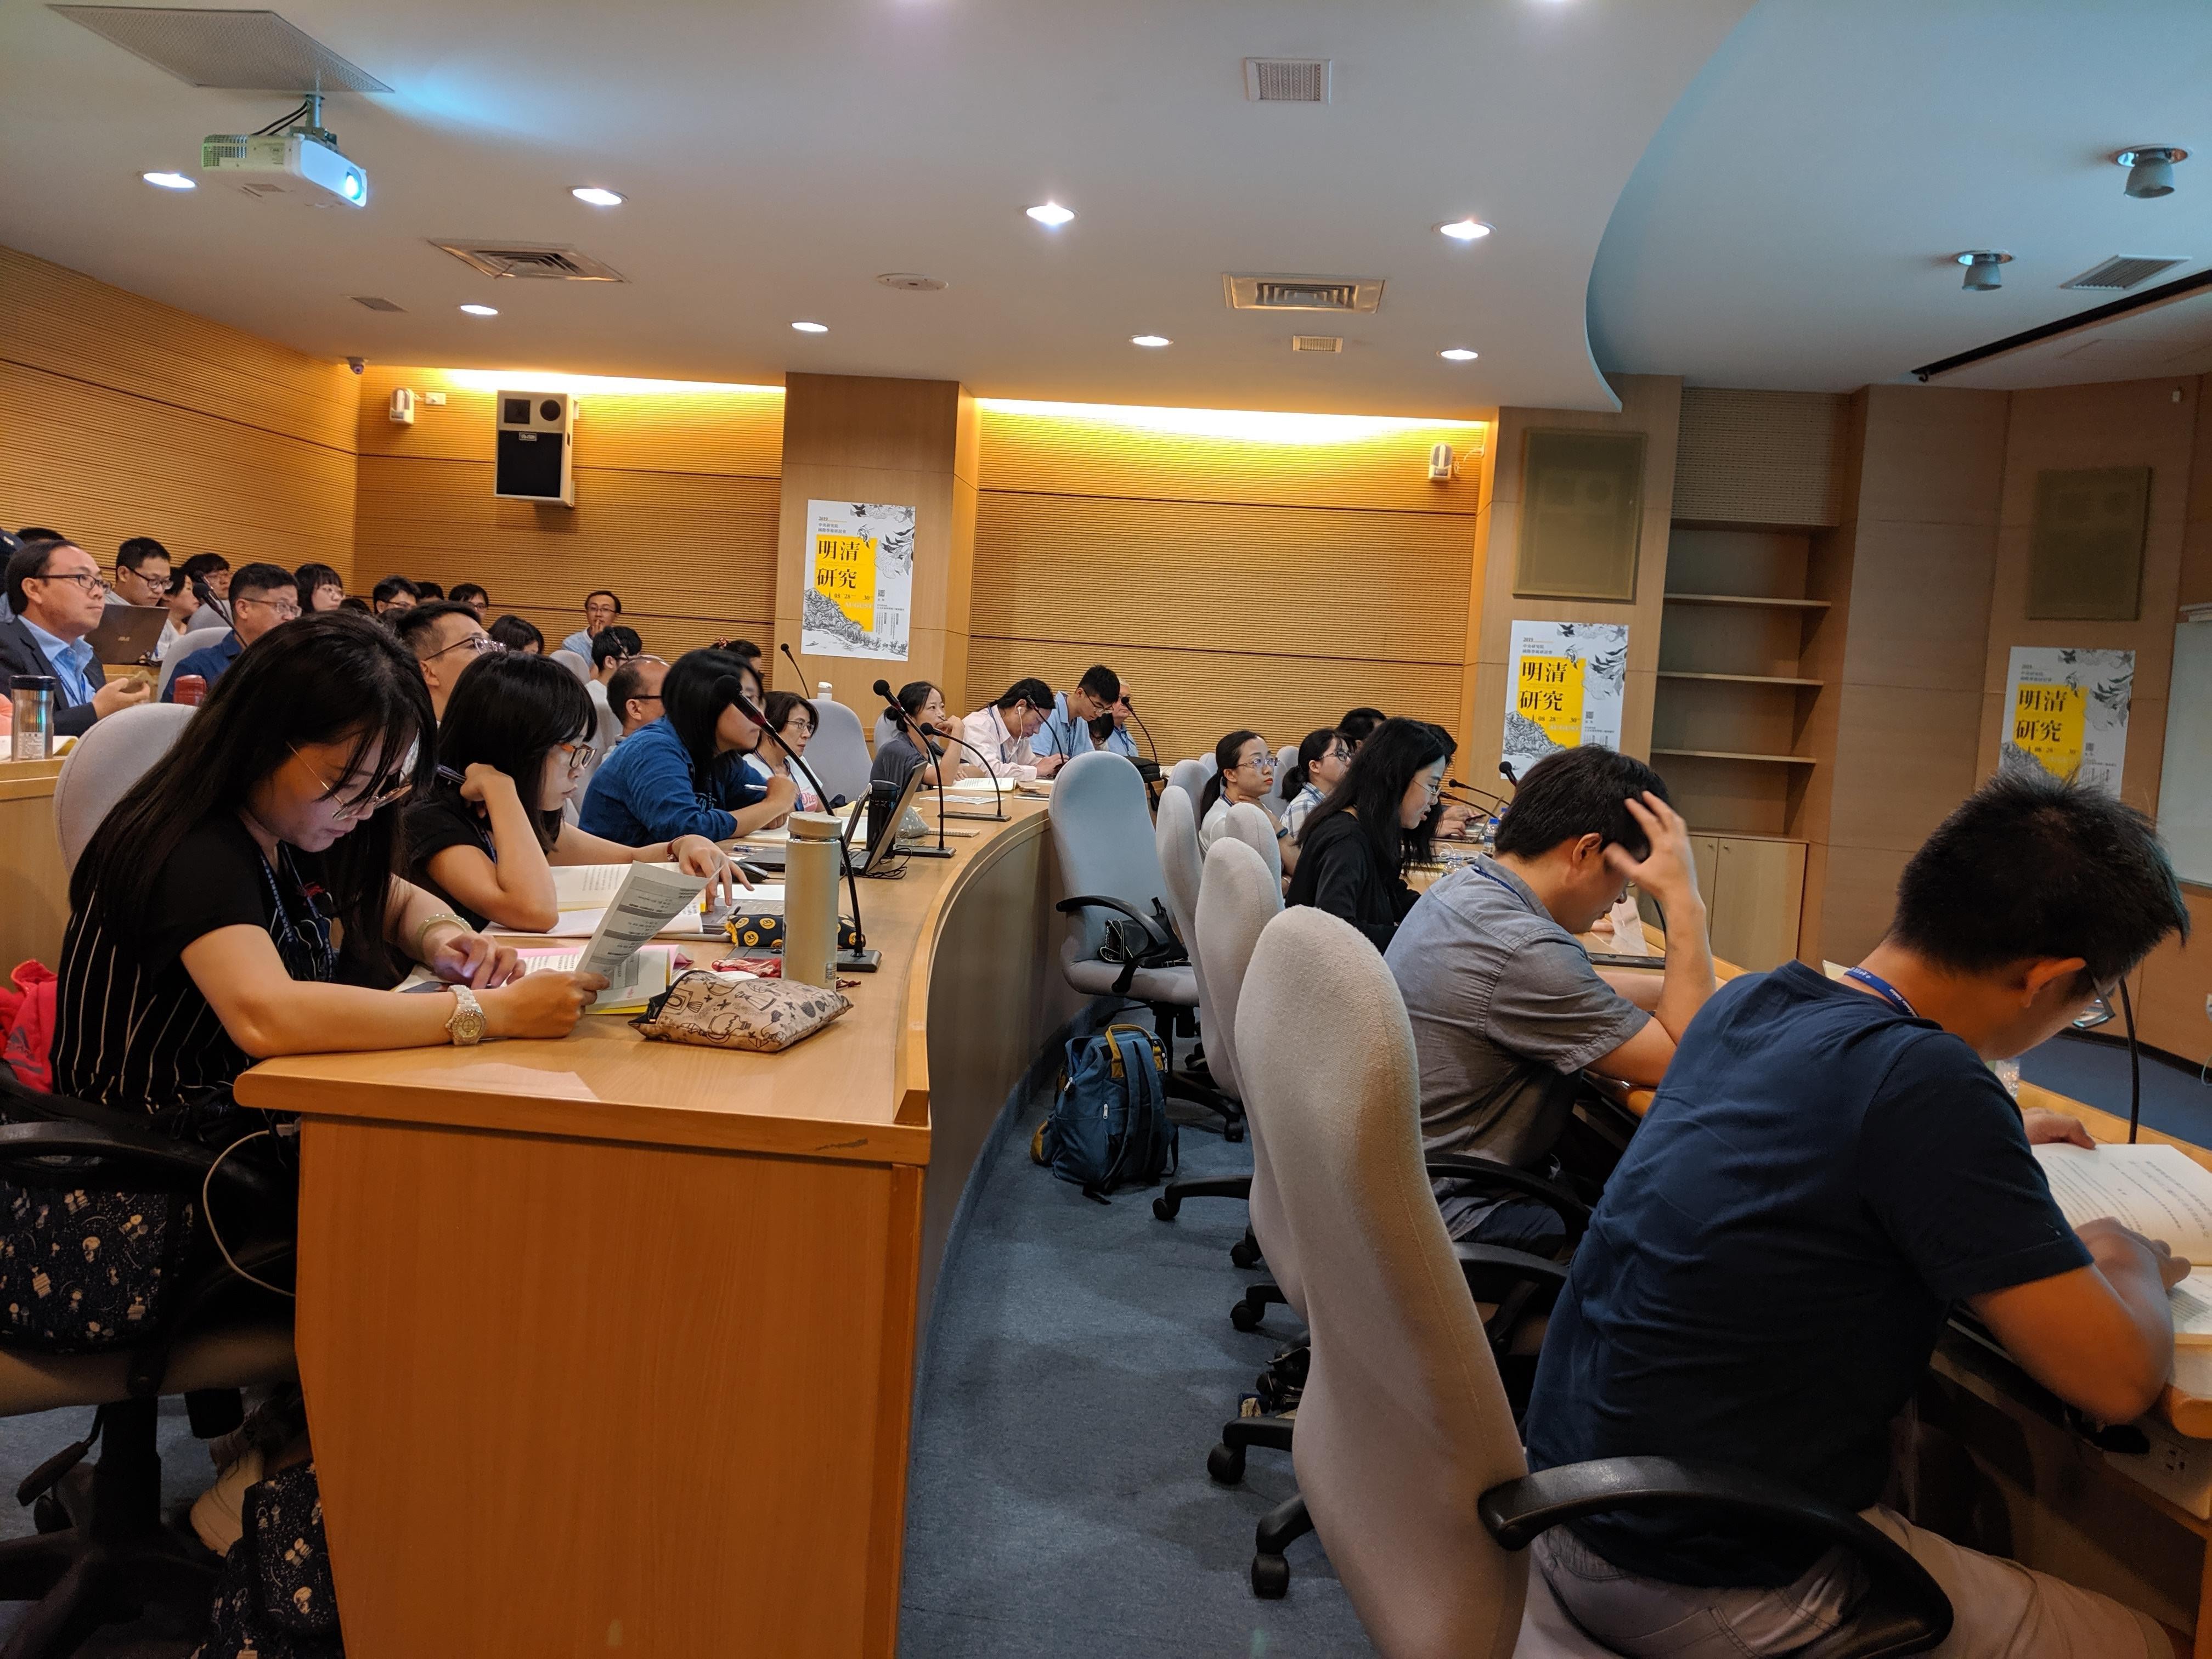 2019 中央研究院明清研究國際學術研討會——「制度、社會、疆域暨東亞跨境」場次會議報導